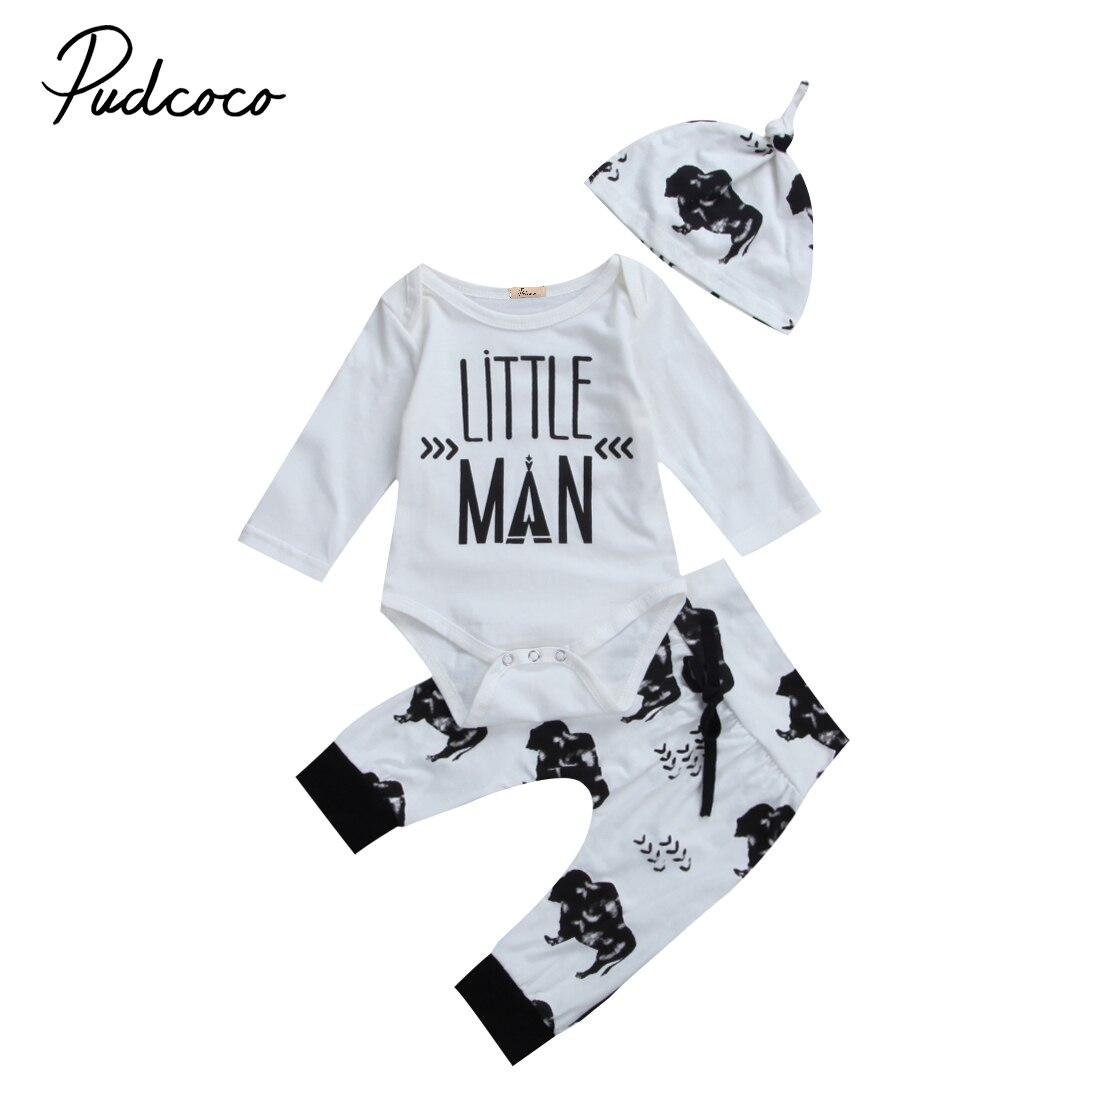 Newborn Infant Baby Boys 3PCS Print Clothes Cotton Romper + Pants Legging Hats Outfits Set